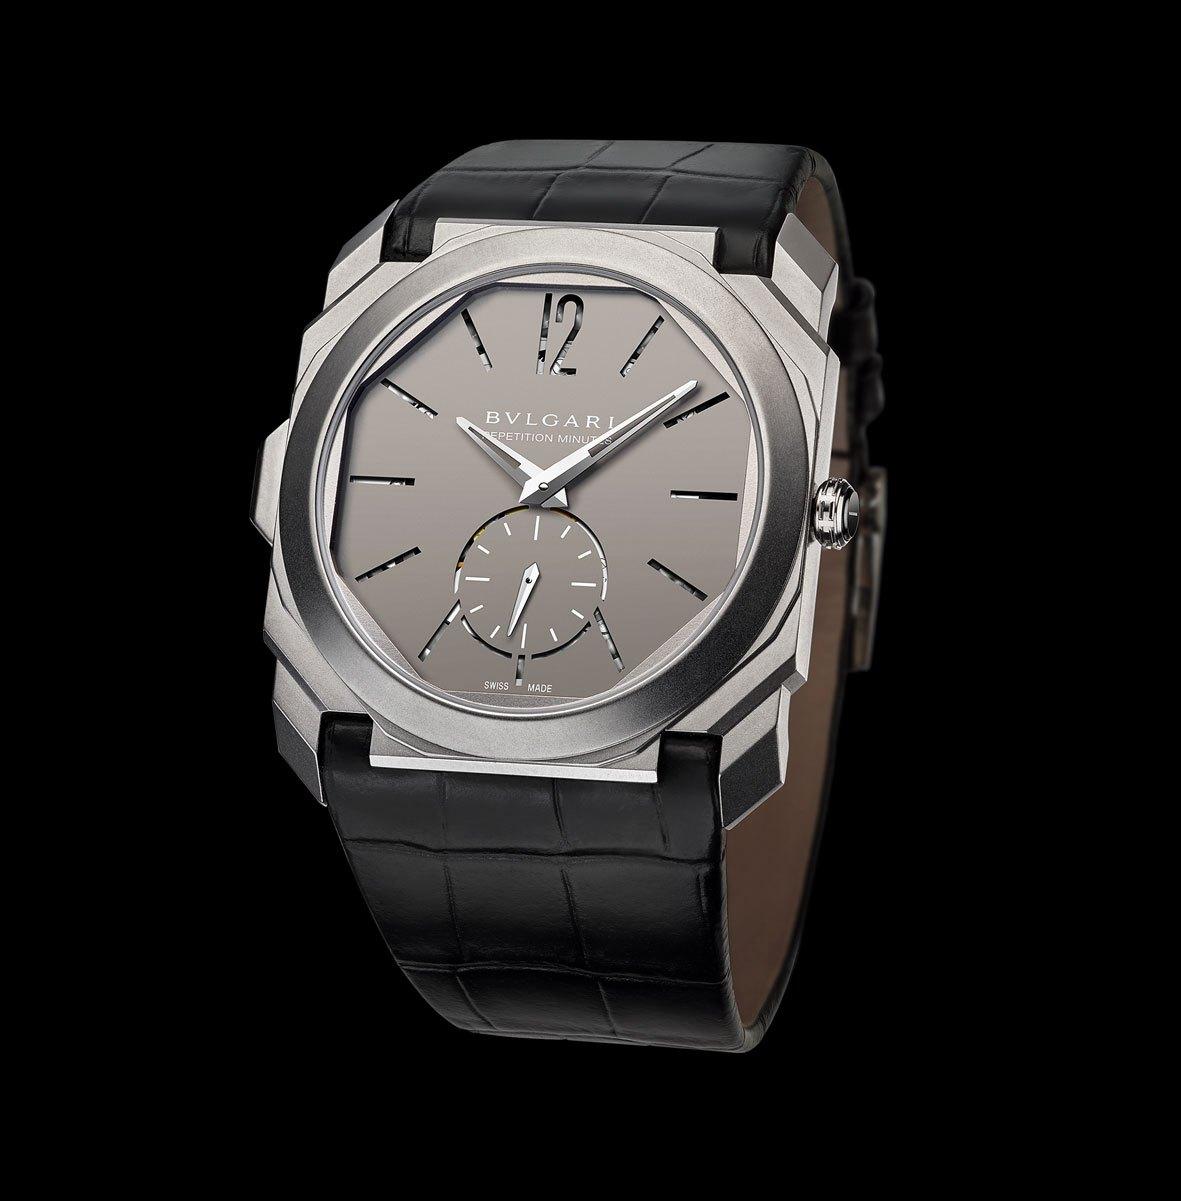 Bulgari OCTO Finissimo Minute Repeater: el reloj más delgado del mundo